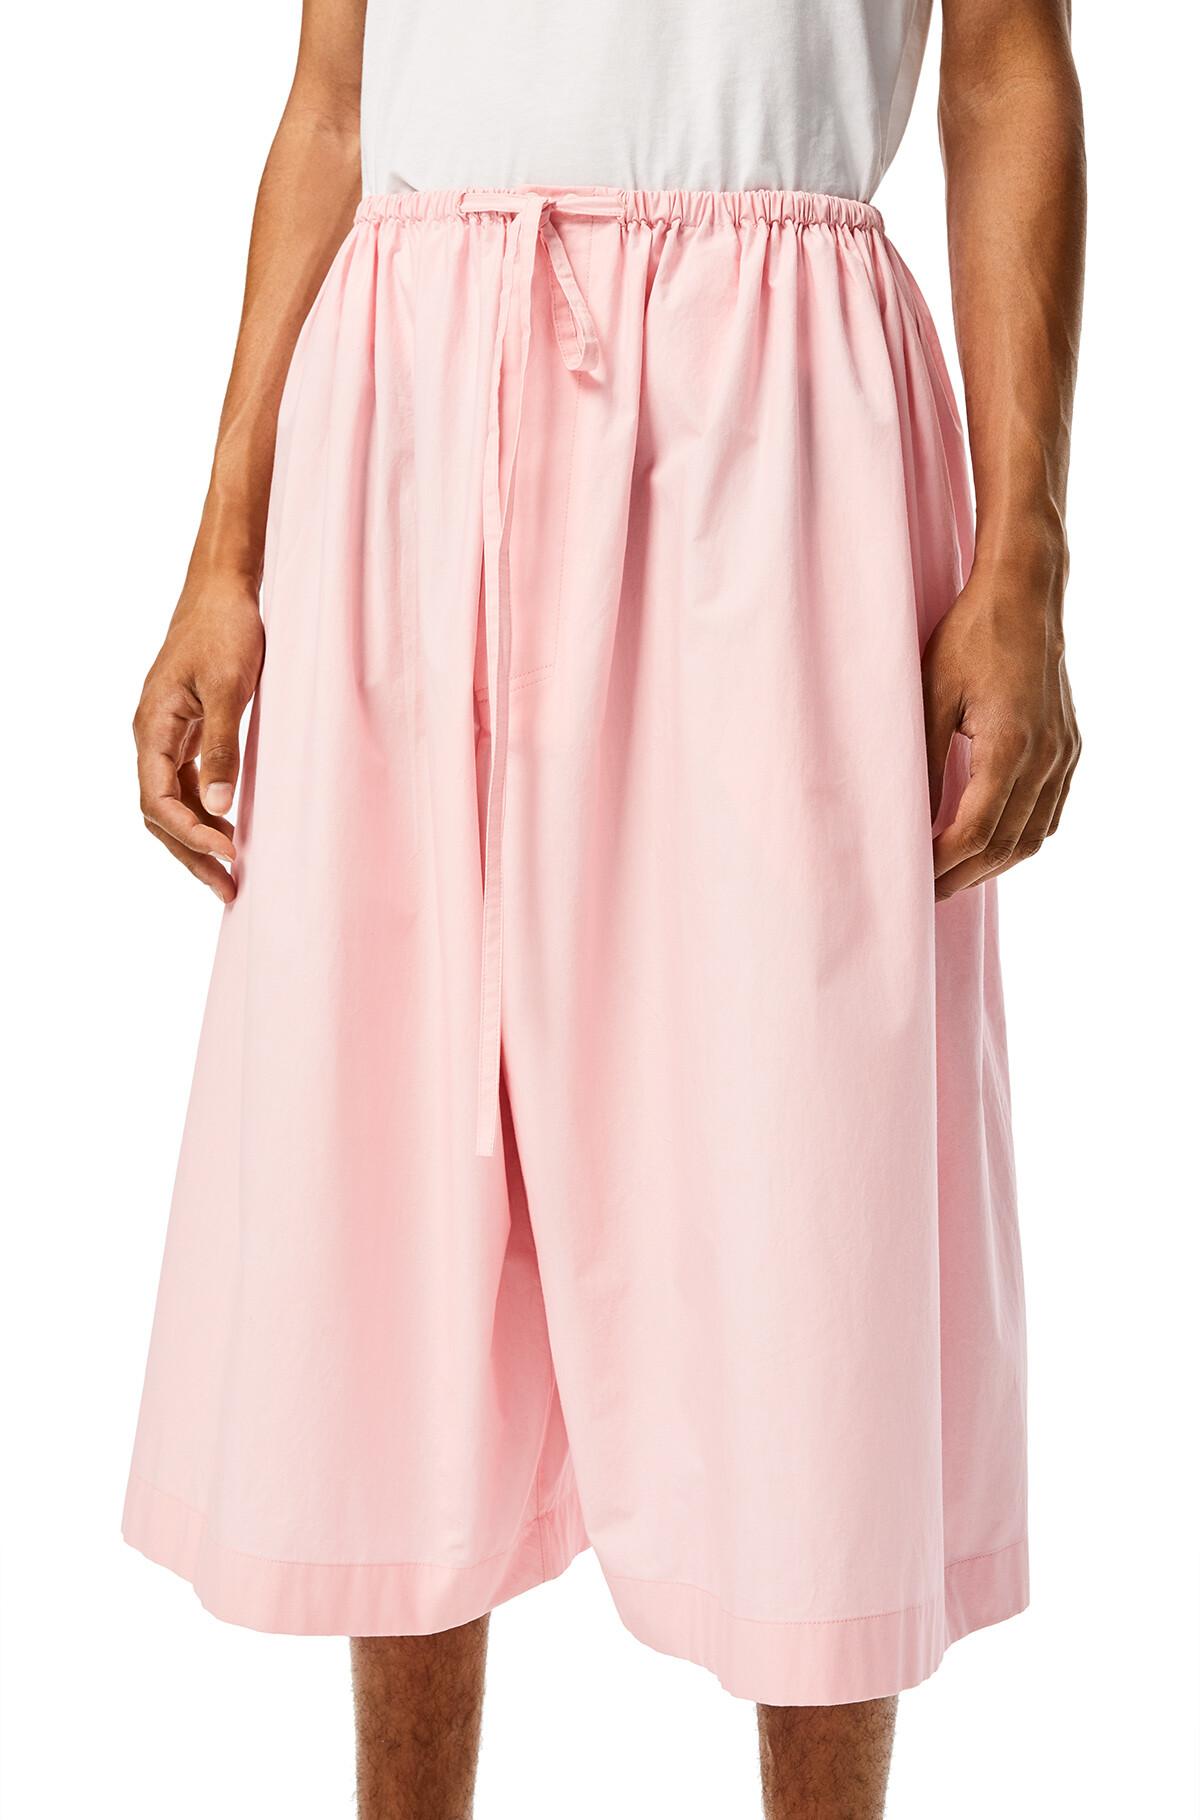 LOEWE Drawstring Shorts Baby Pink front